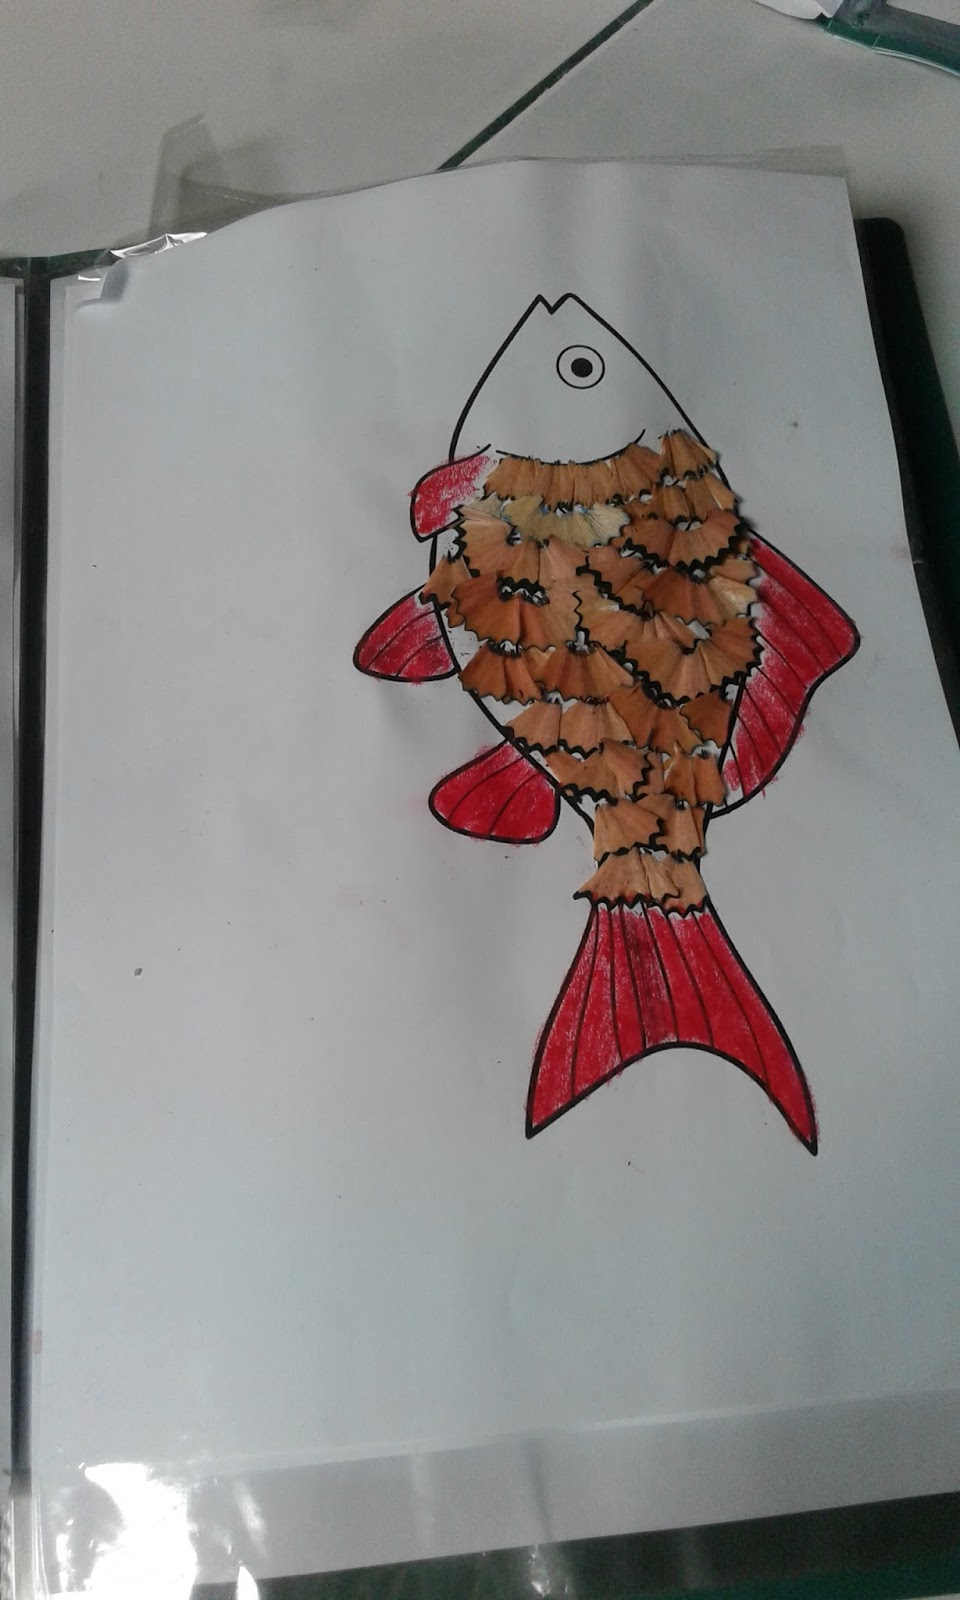 Gambar Kolase Ikan : gambar, kolase, Koleksi, Gambar, Kolase, Kertas, Warna, Gratis, Kumpulan